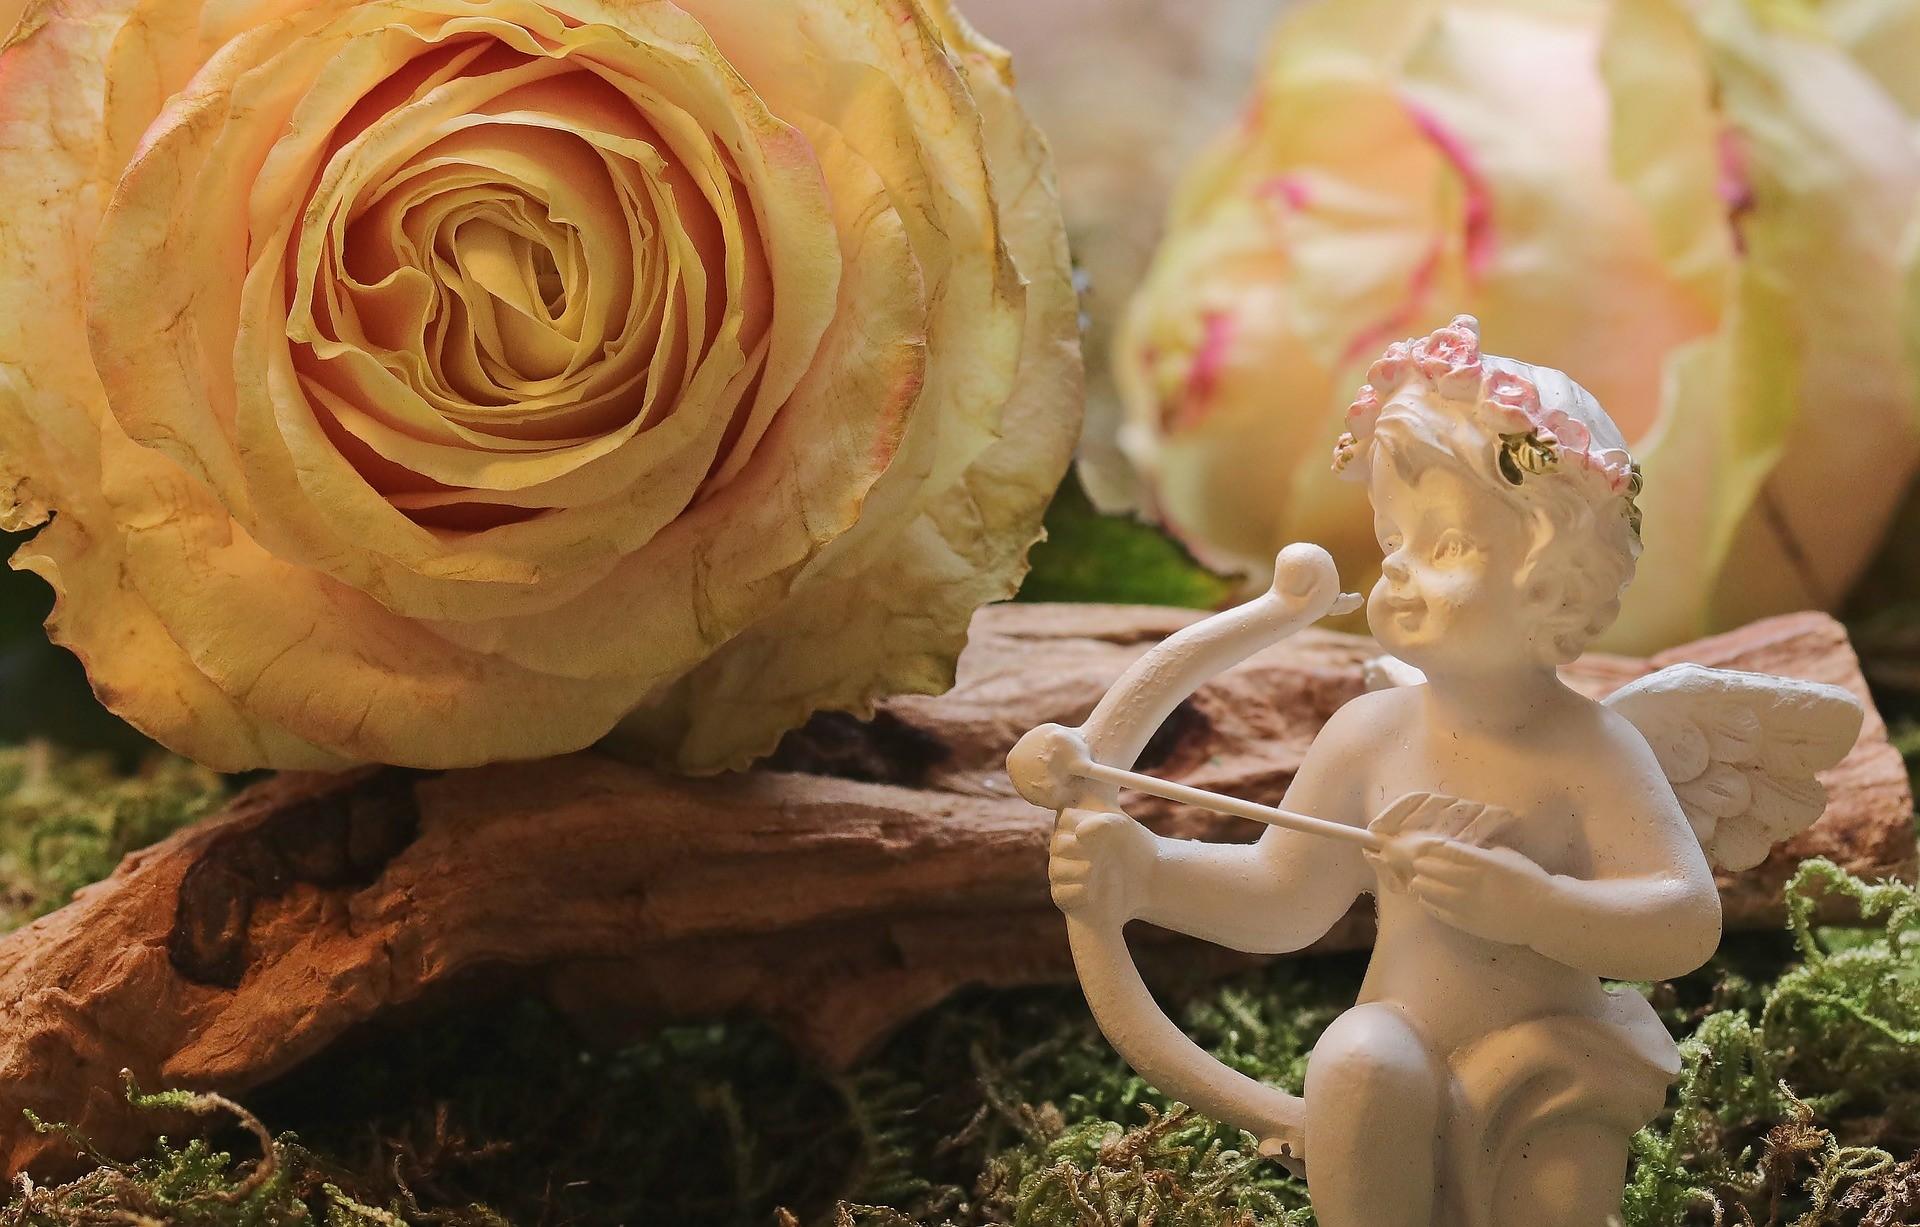 Συνταγές SOS: Ξυπνώντας το ρομαντισμό στη σχέση